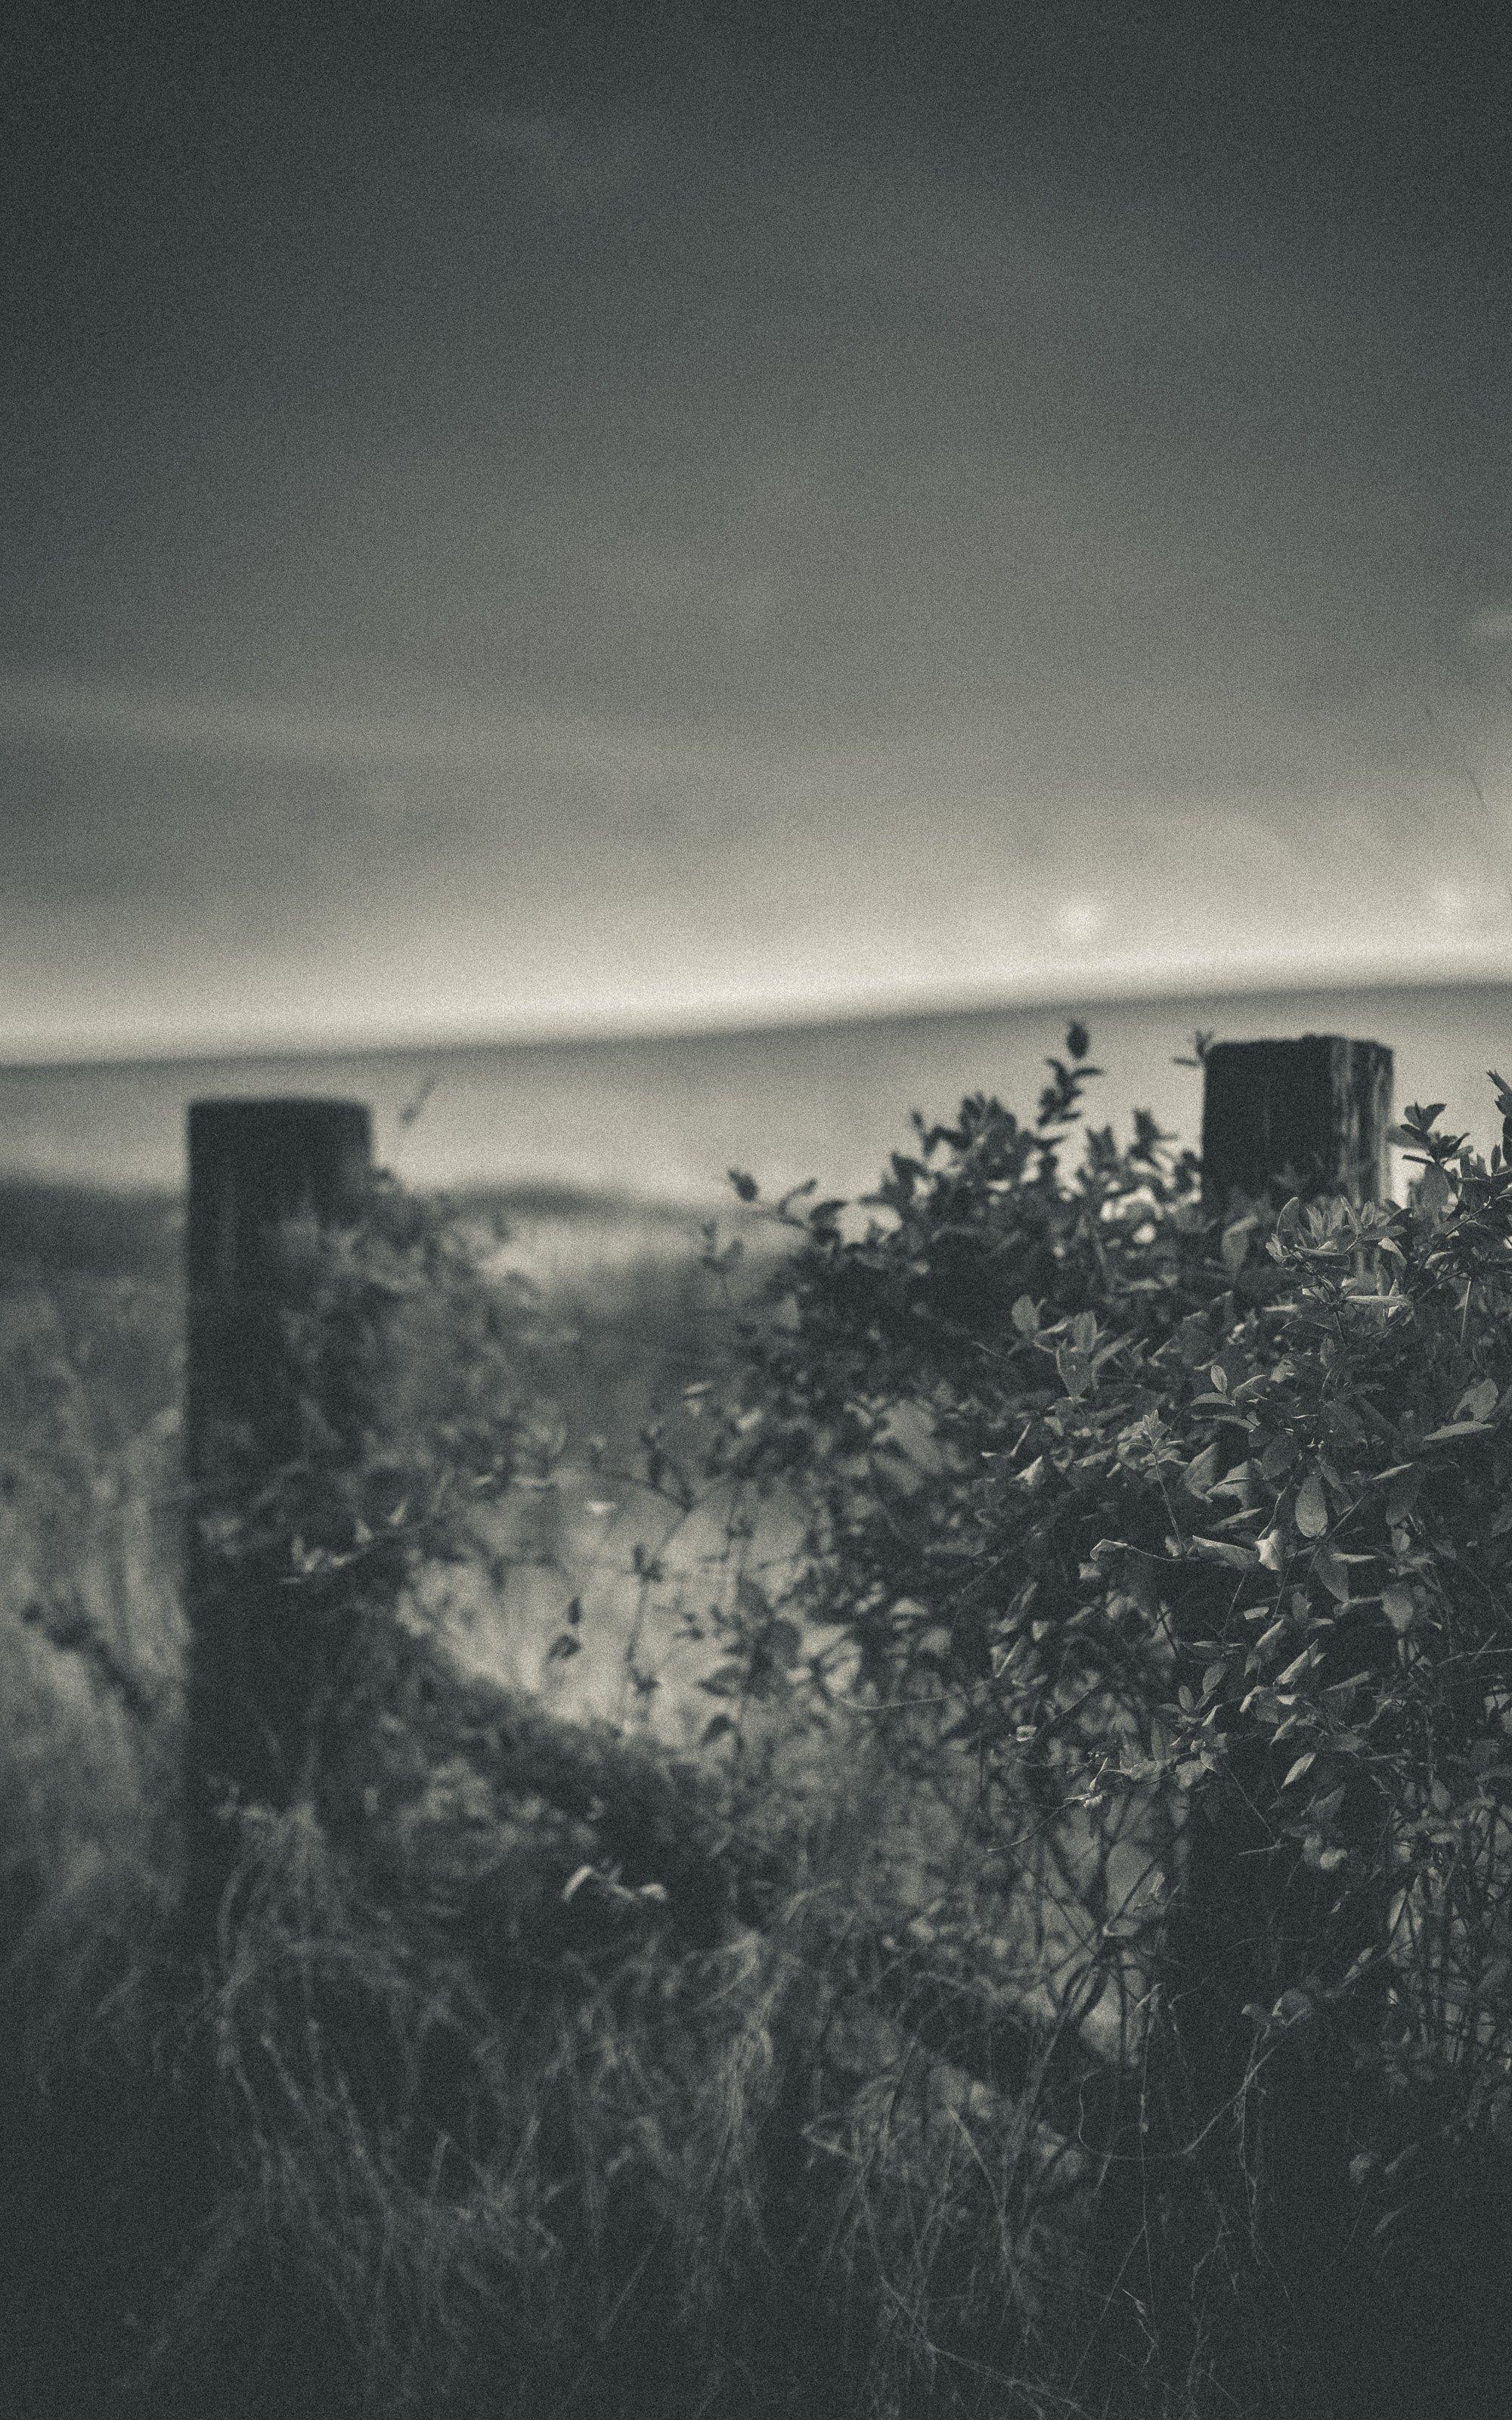 landscape-photography-indianapolis-nashville-2017-21